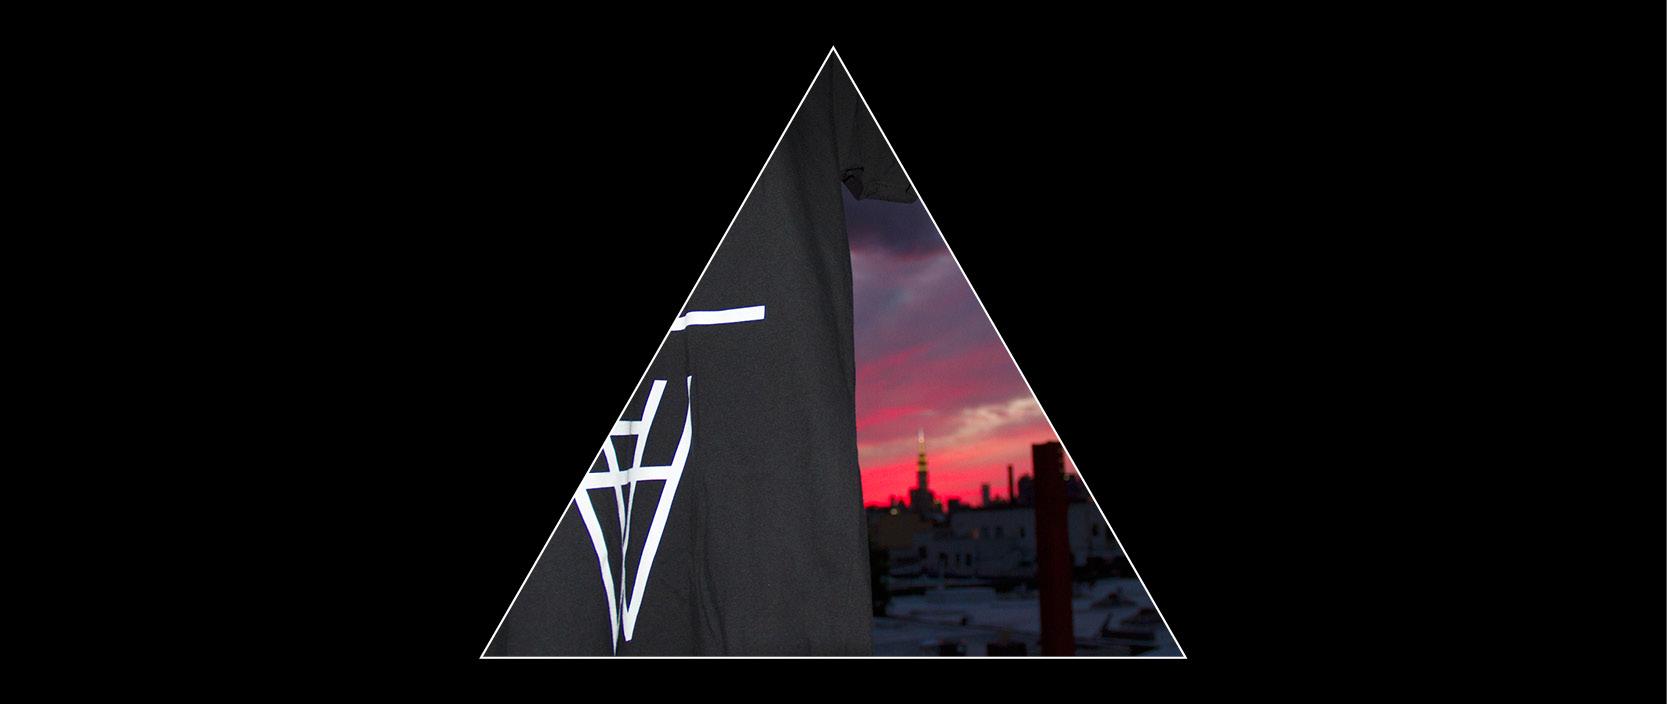 NA-trianglesset22.jpg